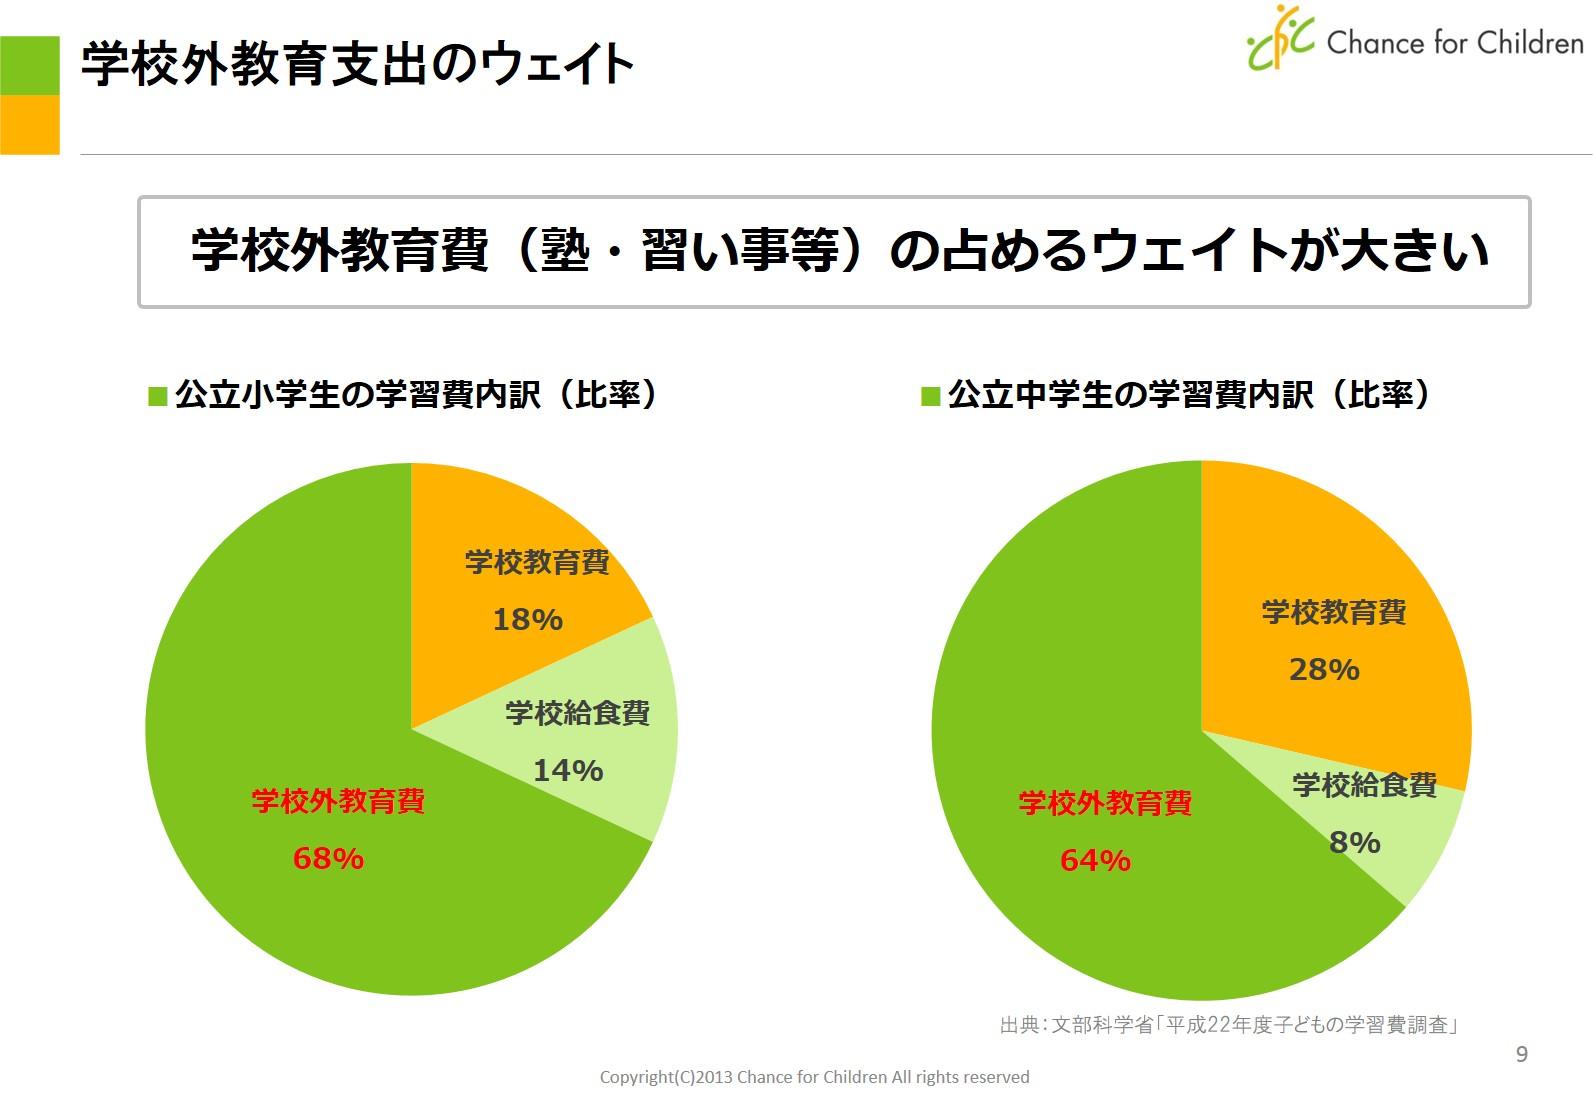 日本の子どもの教育費の現状②-教育格差の原因は学校外教育にある ...